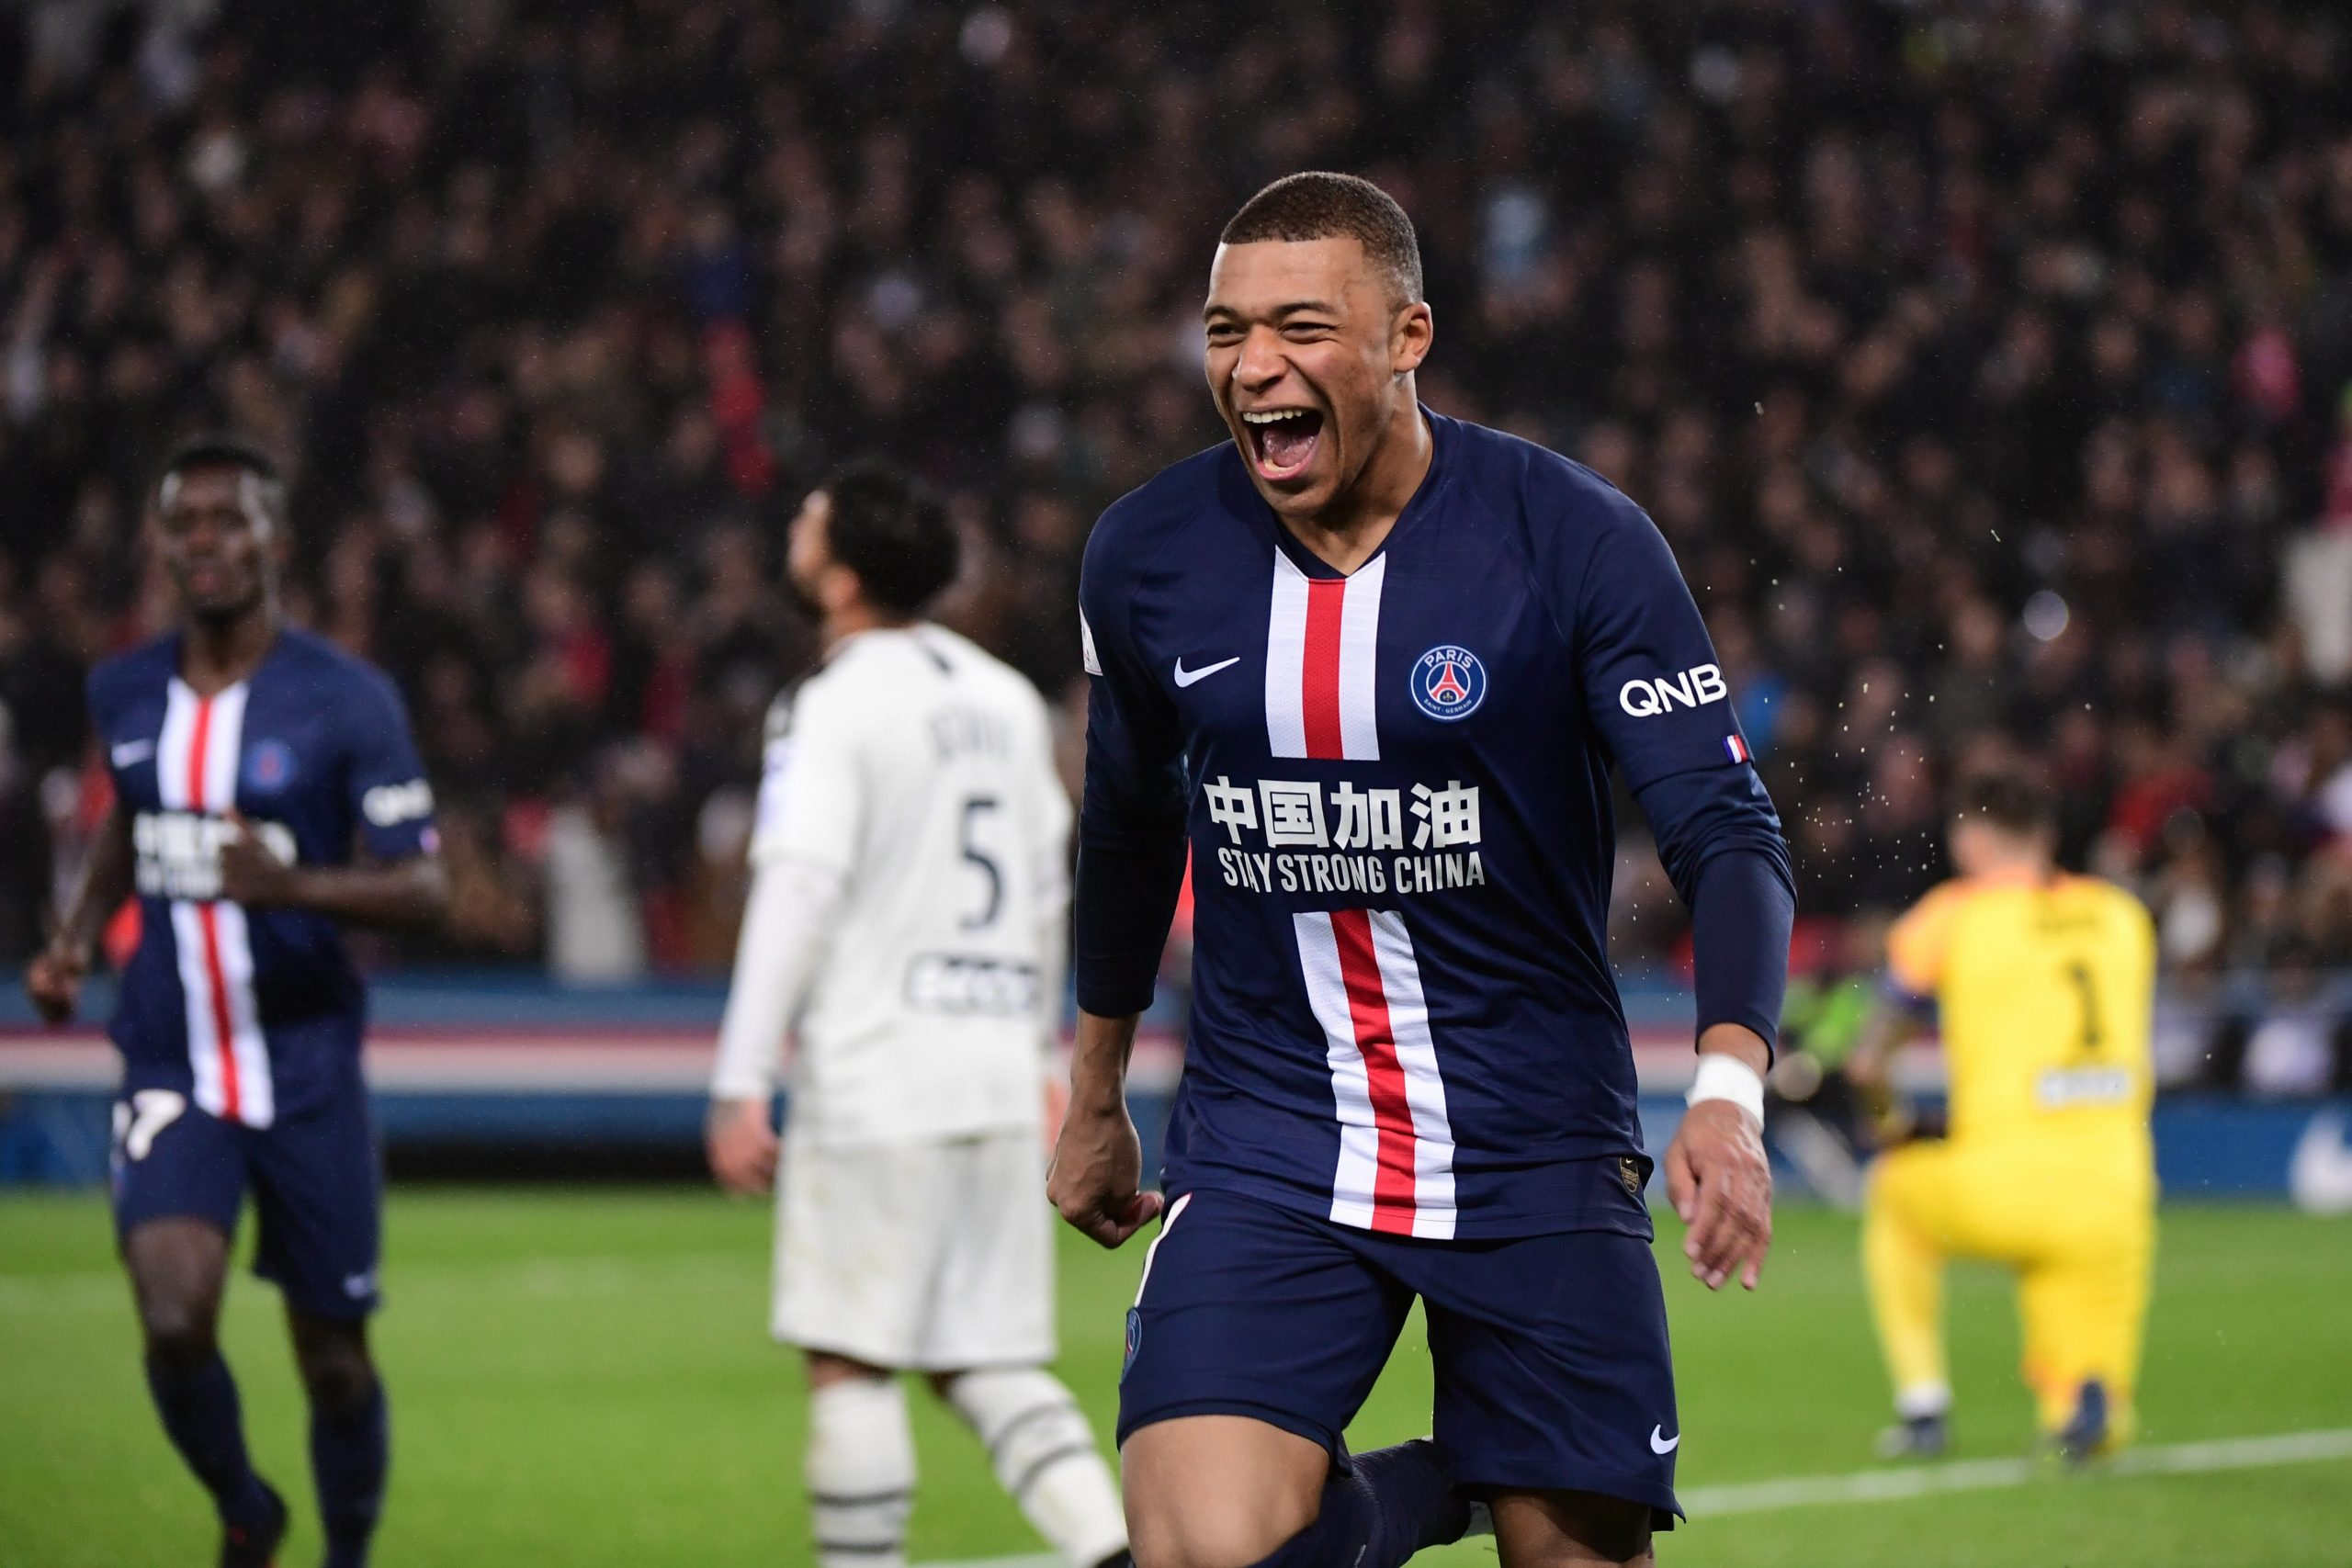 Mbappé est sur la pré-liste de l'Equipe de France pour les Jeux Olympiques, annonce Le Parisien